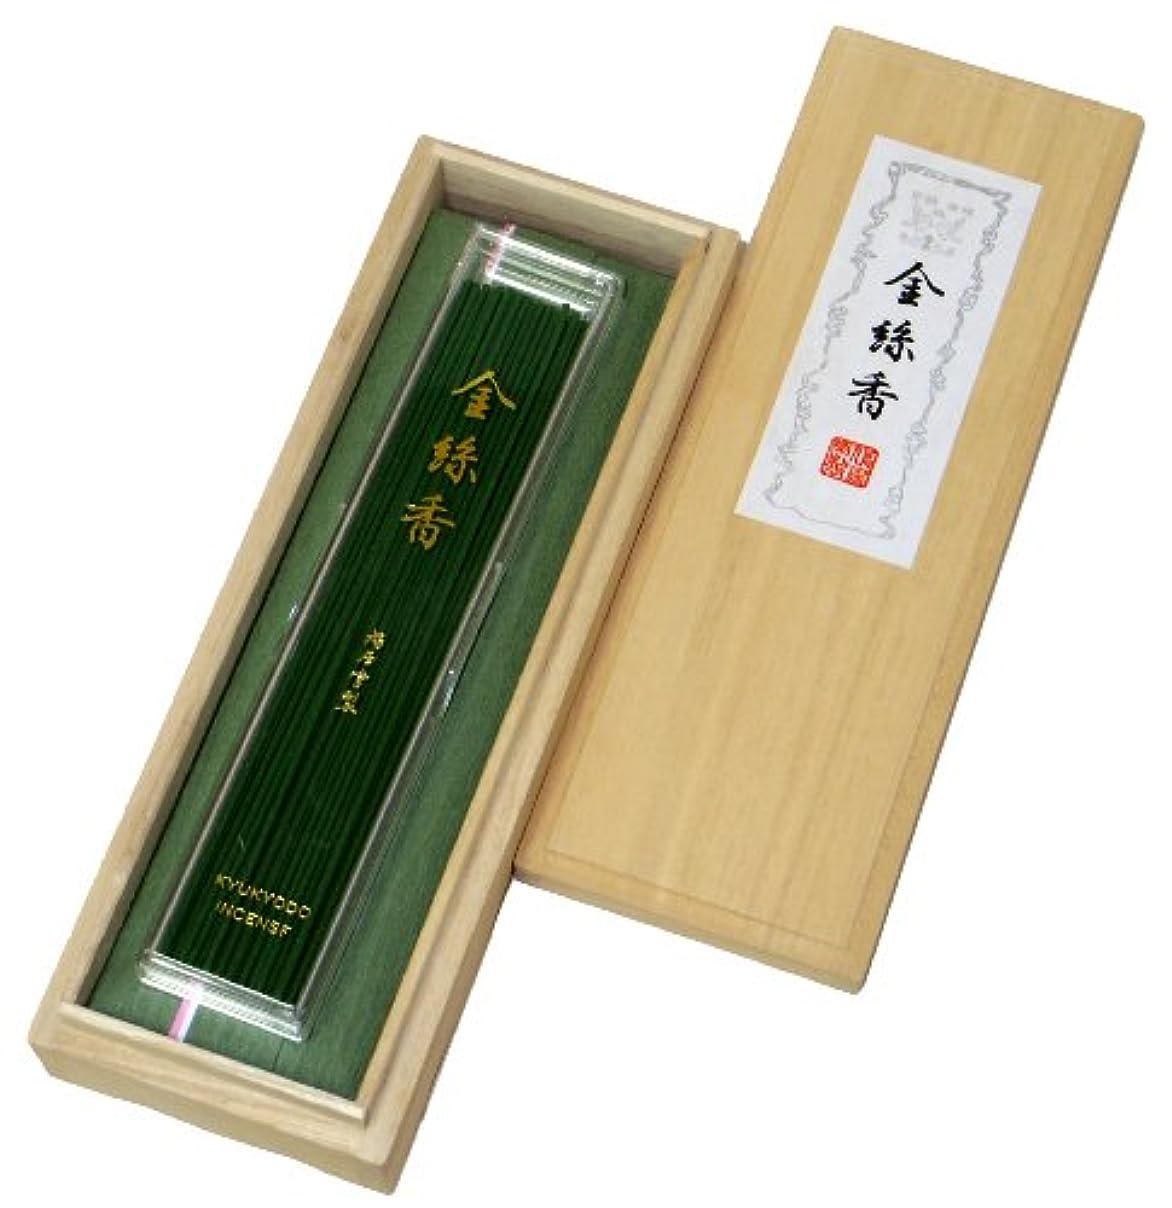 タイトカヌー生理鳩居堂のお線香 金絲香 桐箱 たと紙 1把入 17cm #135